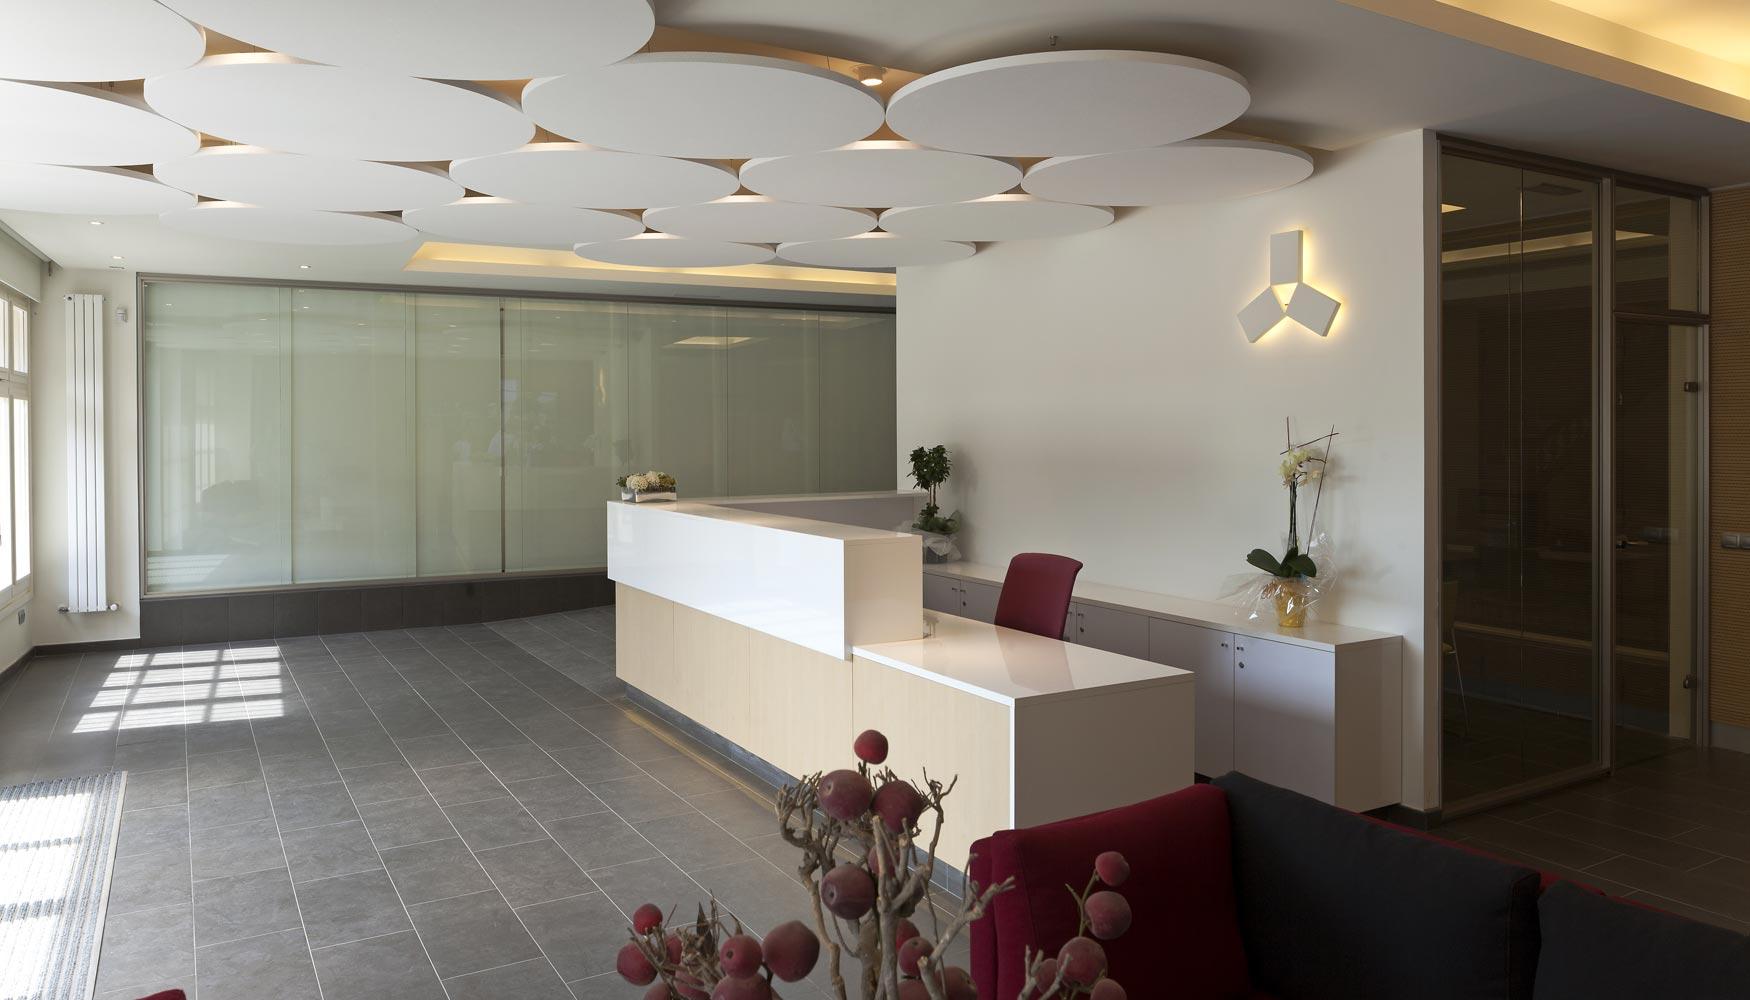 Dise o y confort ac stico con los techos flotantes de for Terminaciones de techos interiores